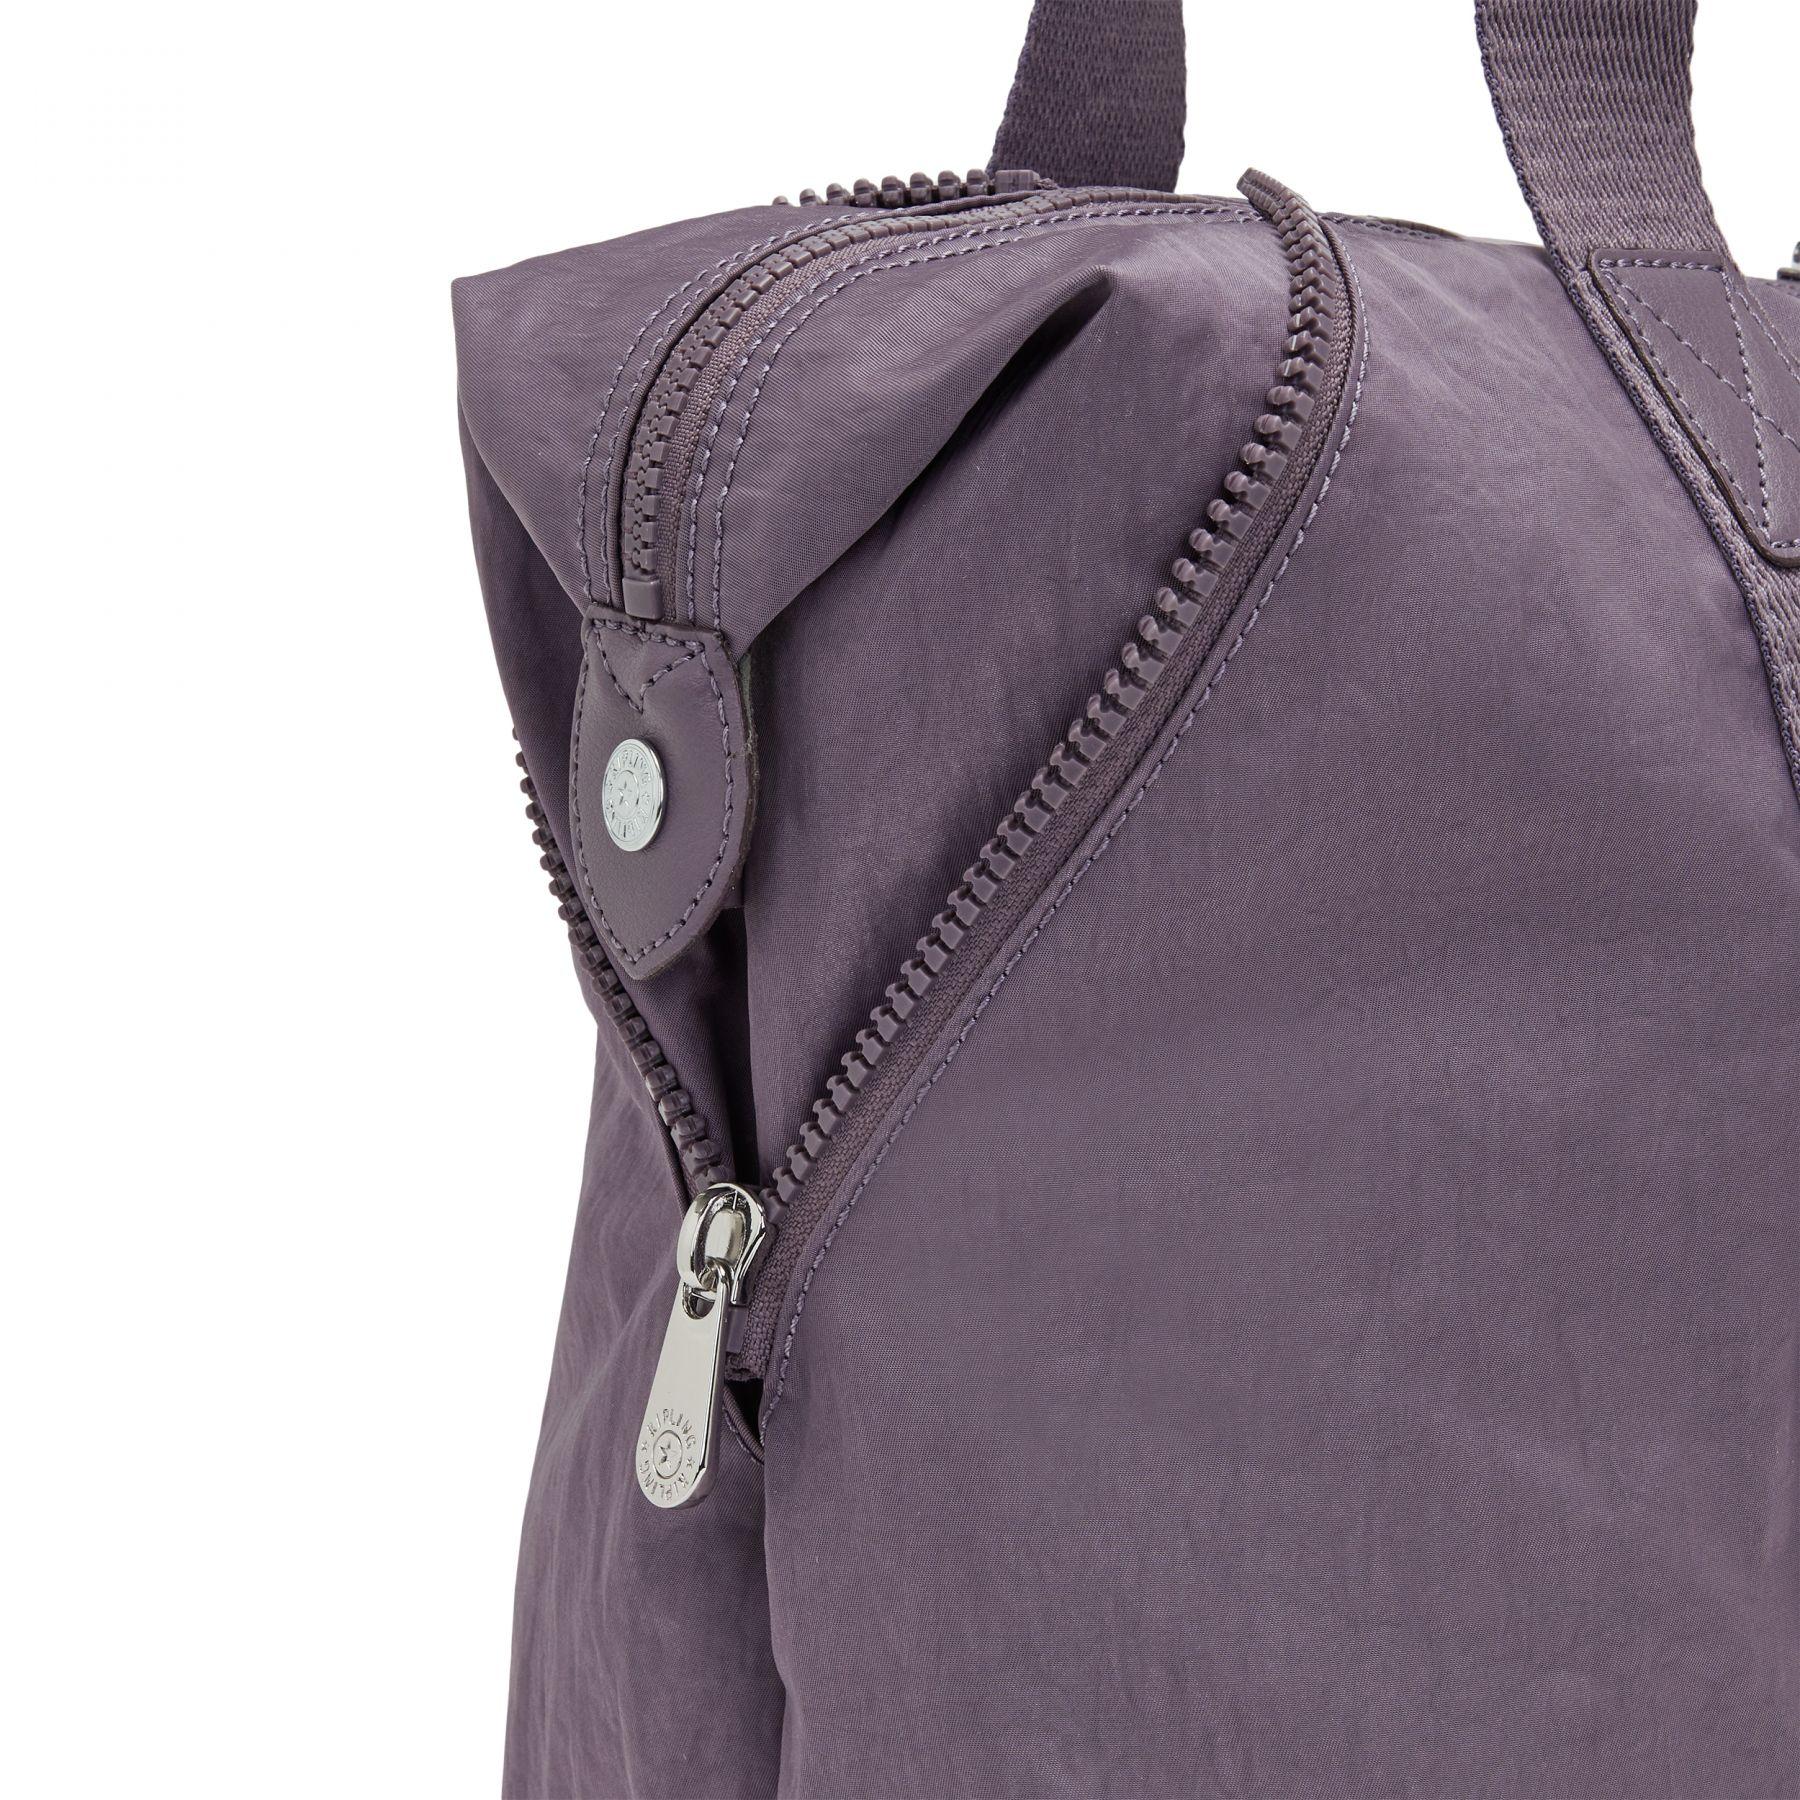 ART M BAGS by Kipling - view 6